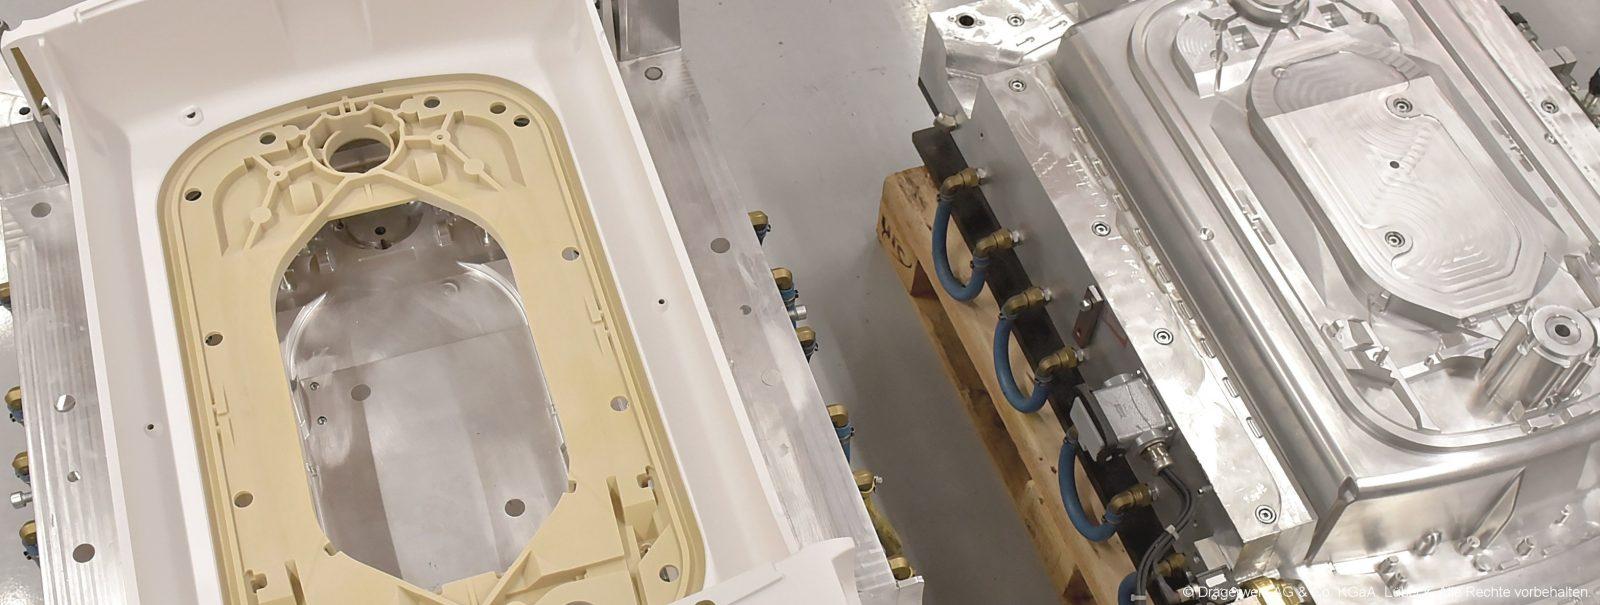 etol Kunststofftechnik, PUR, technische Formteile, Werkzeugbau, Formenbau